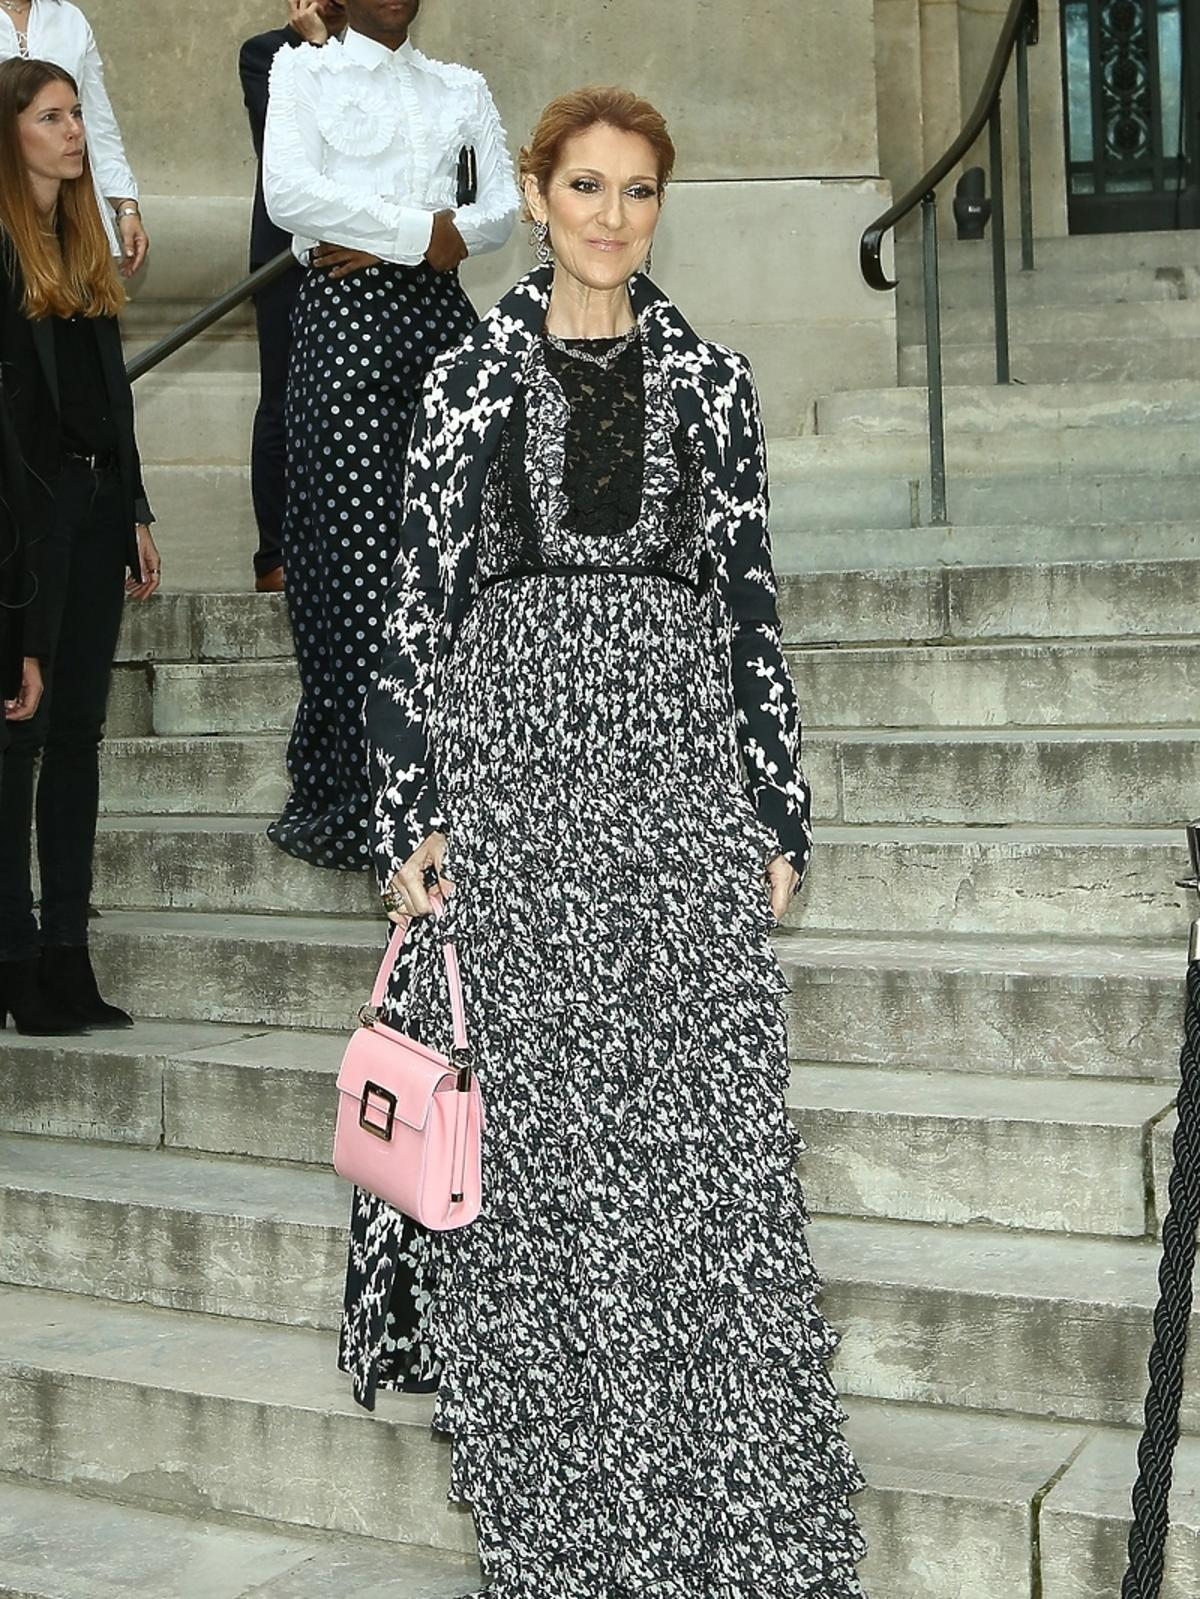 Celine Dion w wielkiej czarno-białej sukni